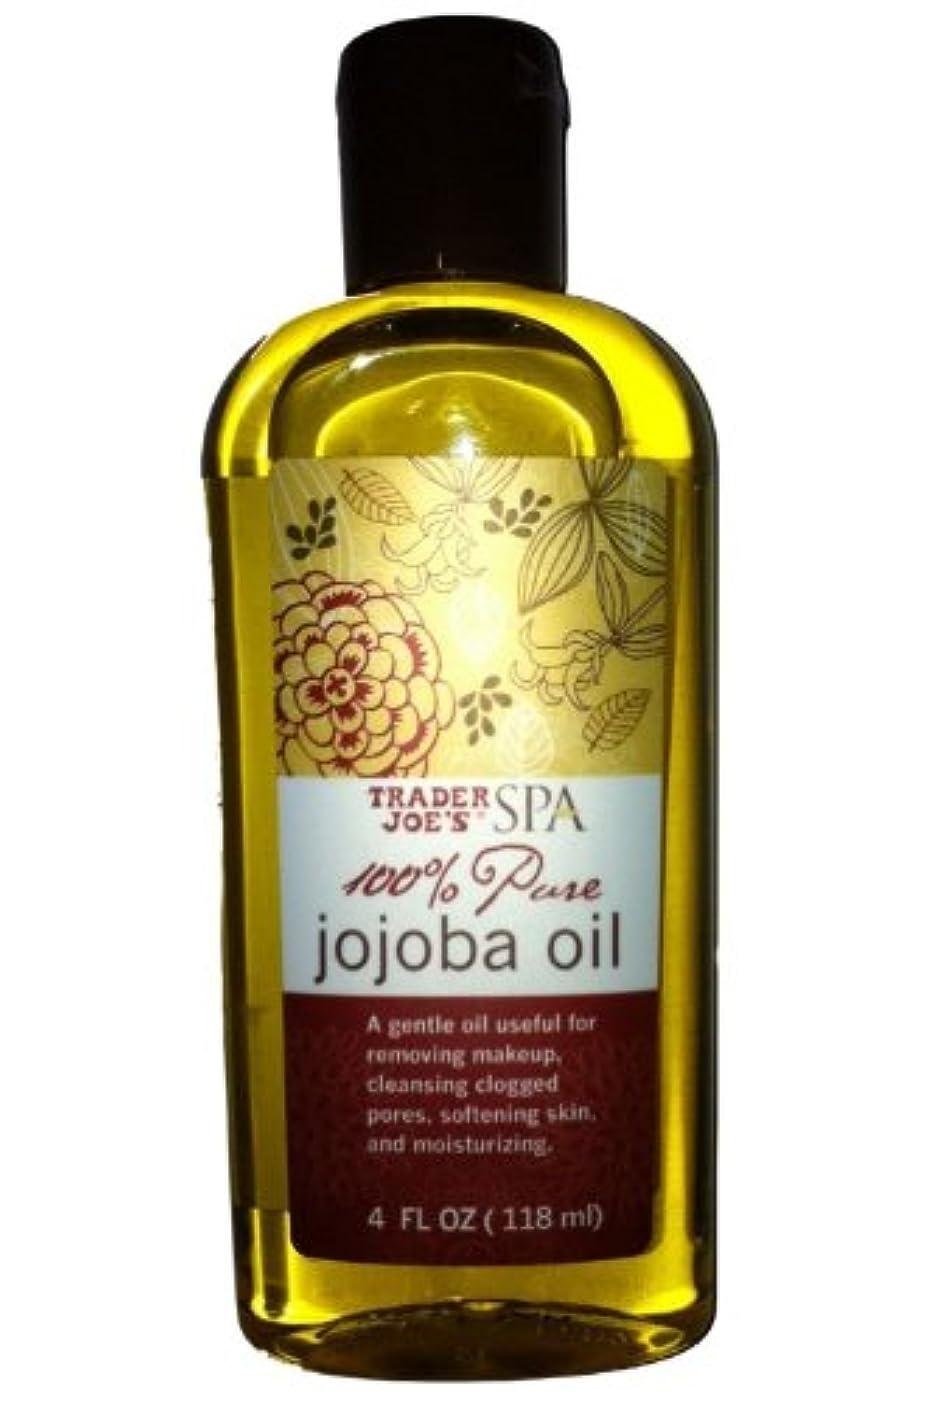 訪問お酢浸漬トレーダージョーズ 100%ピュア ホホバオイル[並行輸入品] Trader Joe's SPA 100% Pure Jojoba Oil (4FL OZ/118ml)